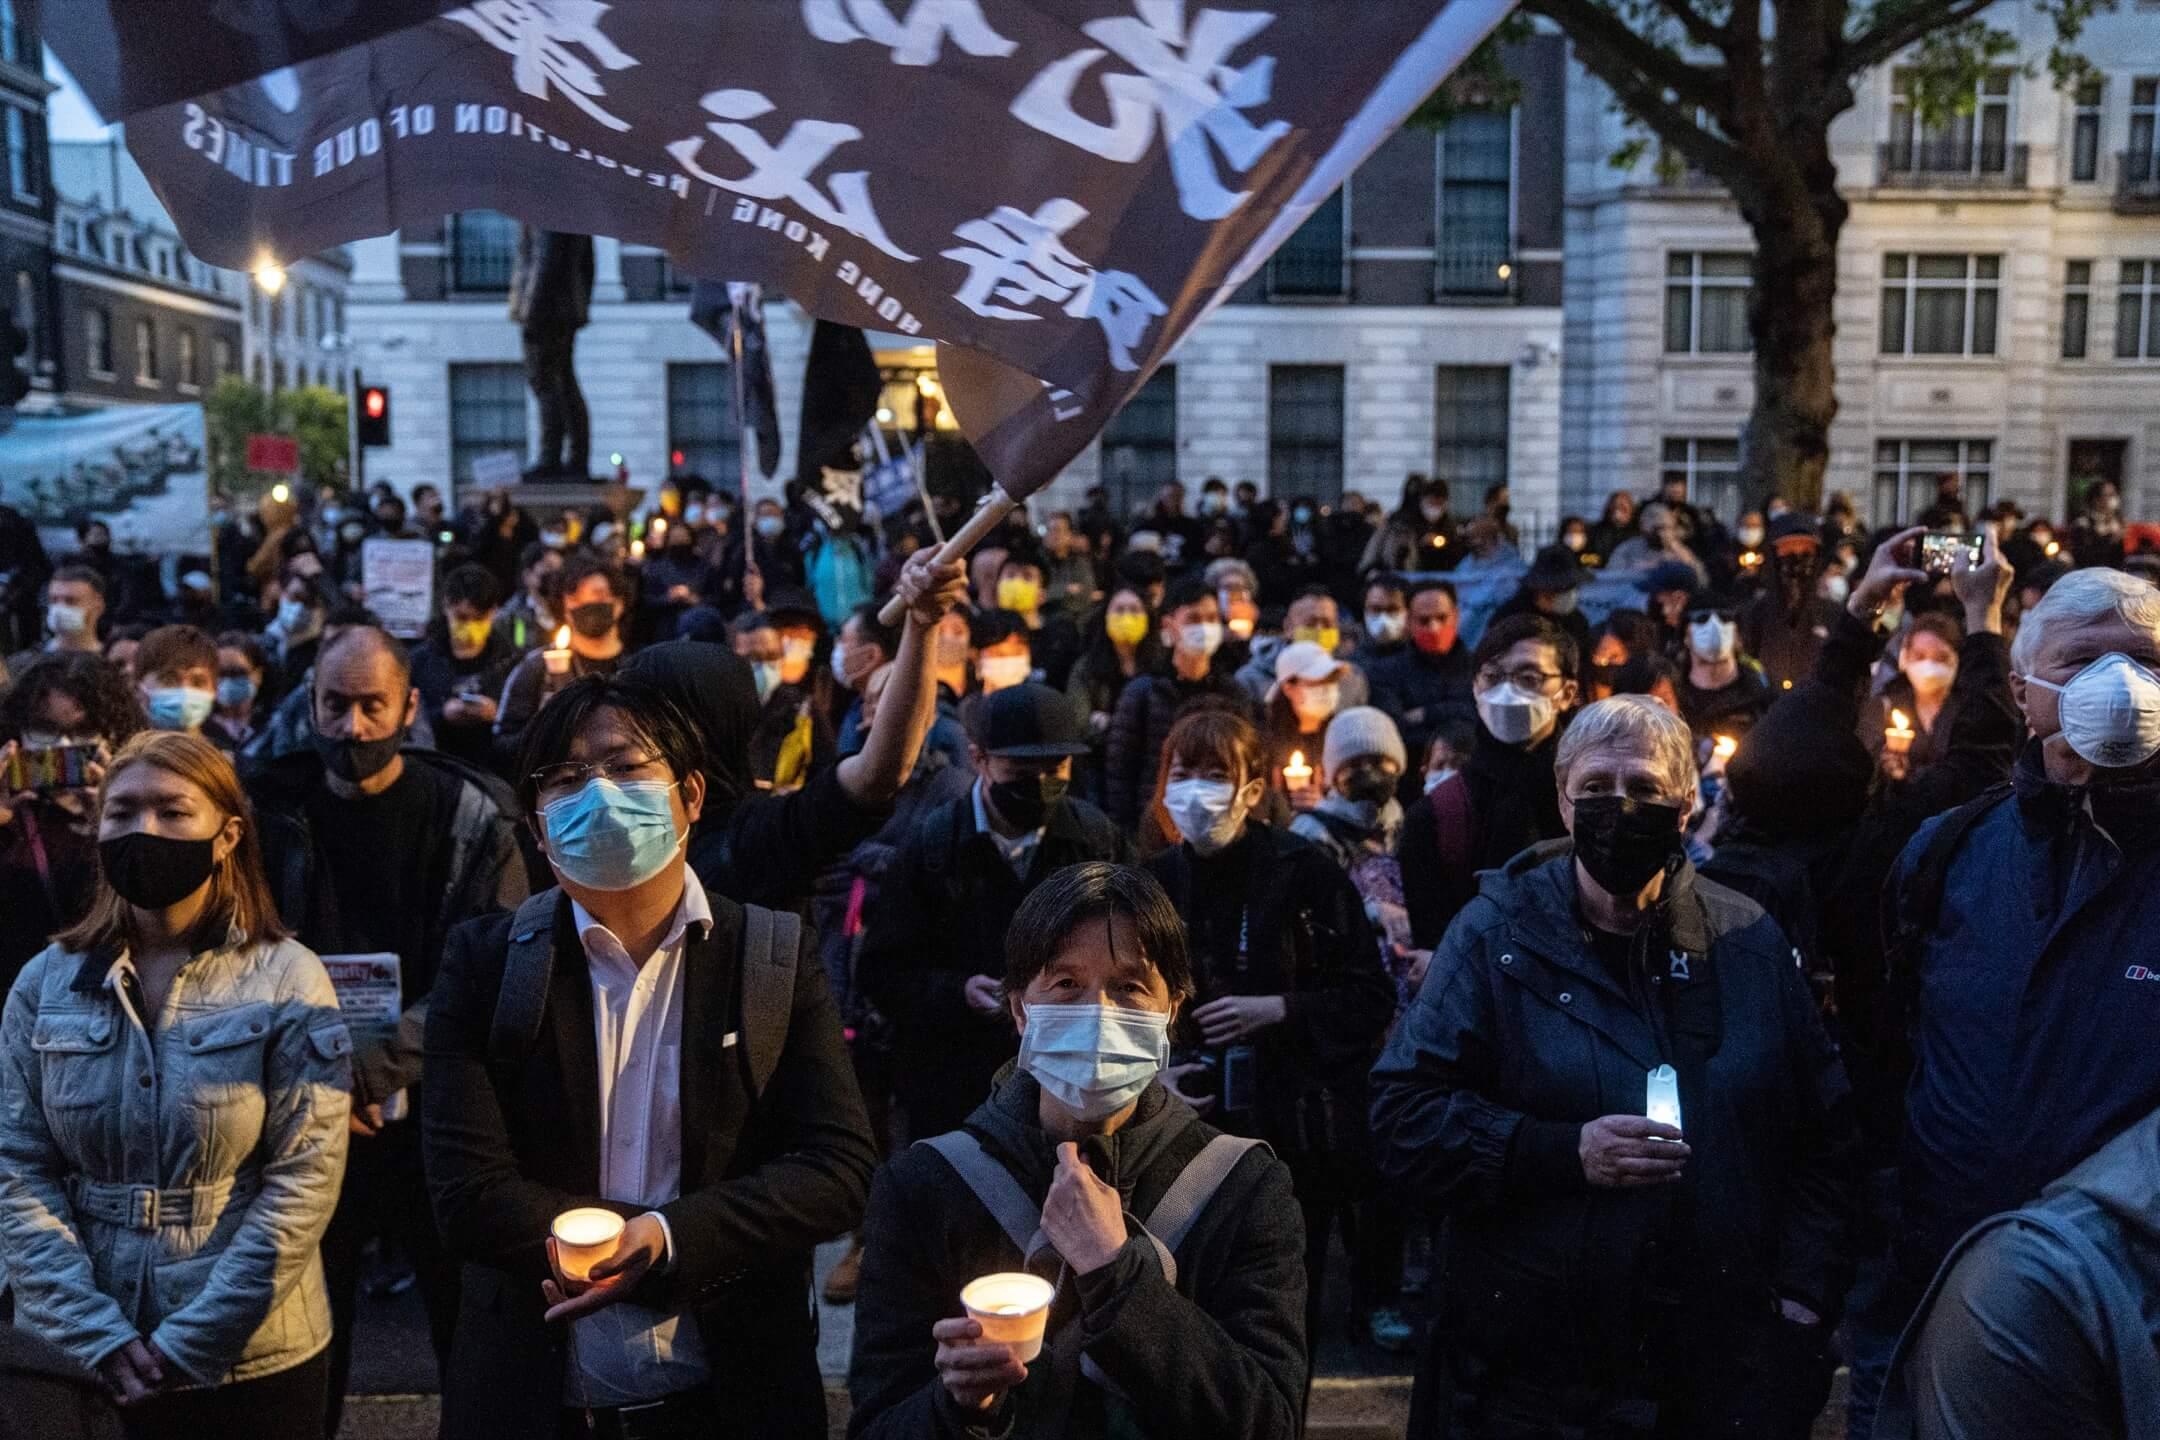 2021年6月4日,英國倫敦,市民在當地中國領事館外聚集,悼念六四32週年。 攝:Stanley Leung/端傳媒